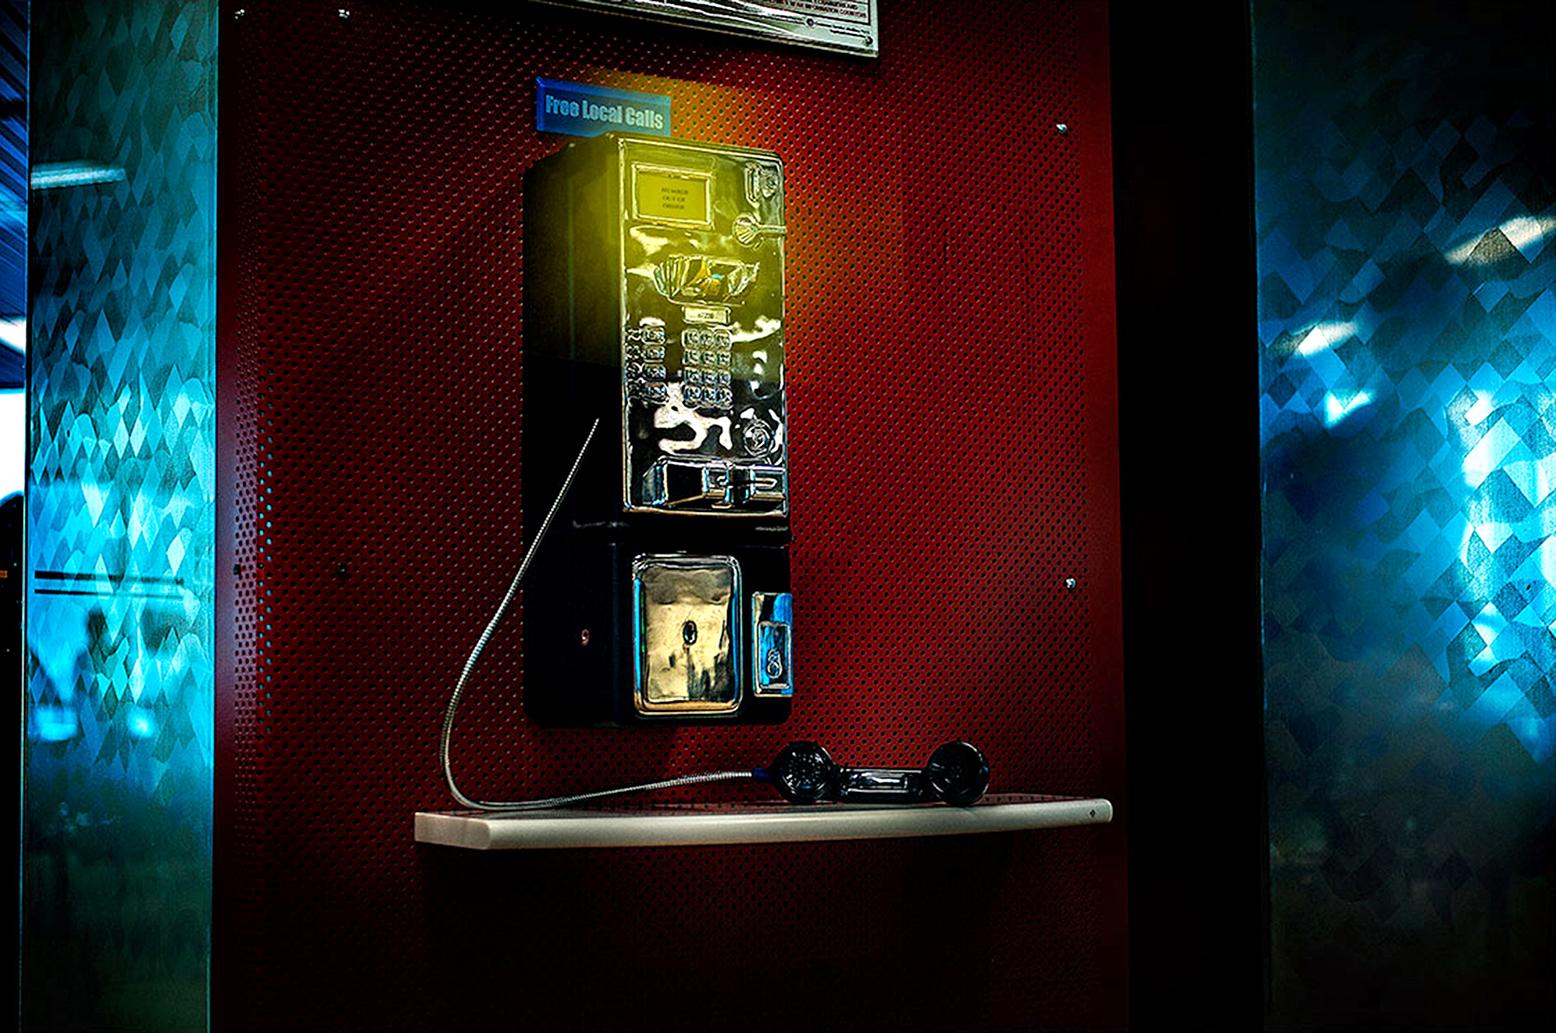 Neonopolis_phone_2_1s.jpg